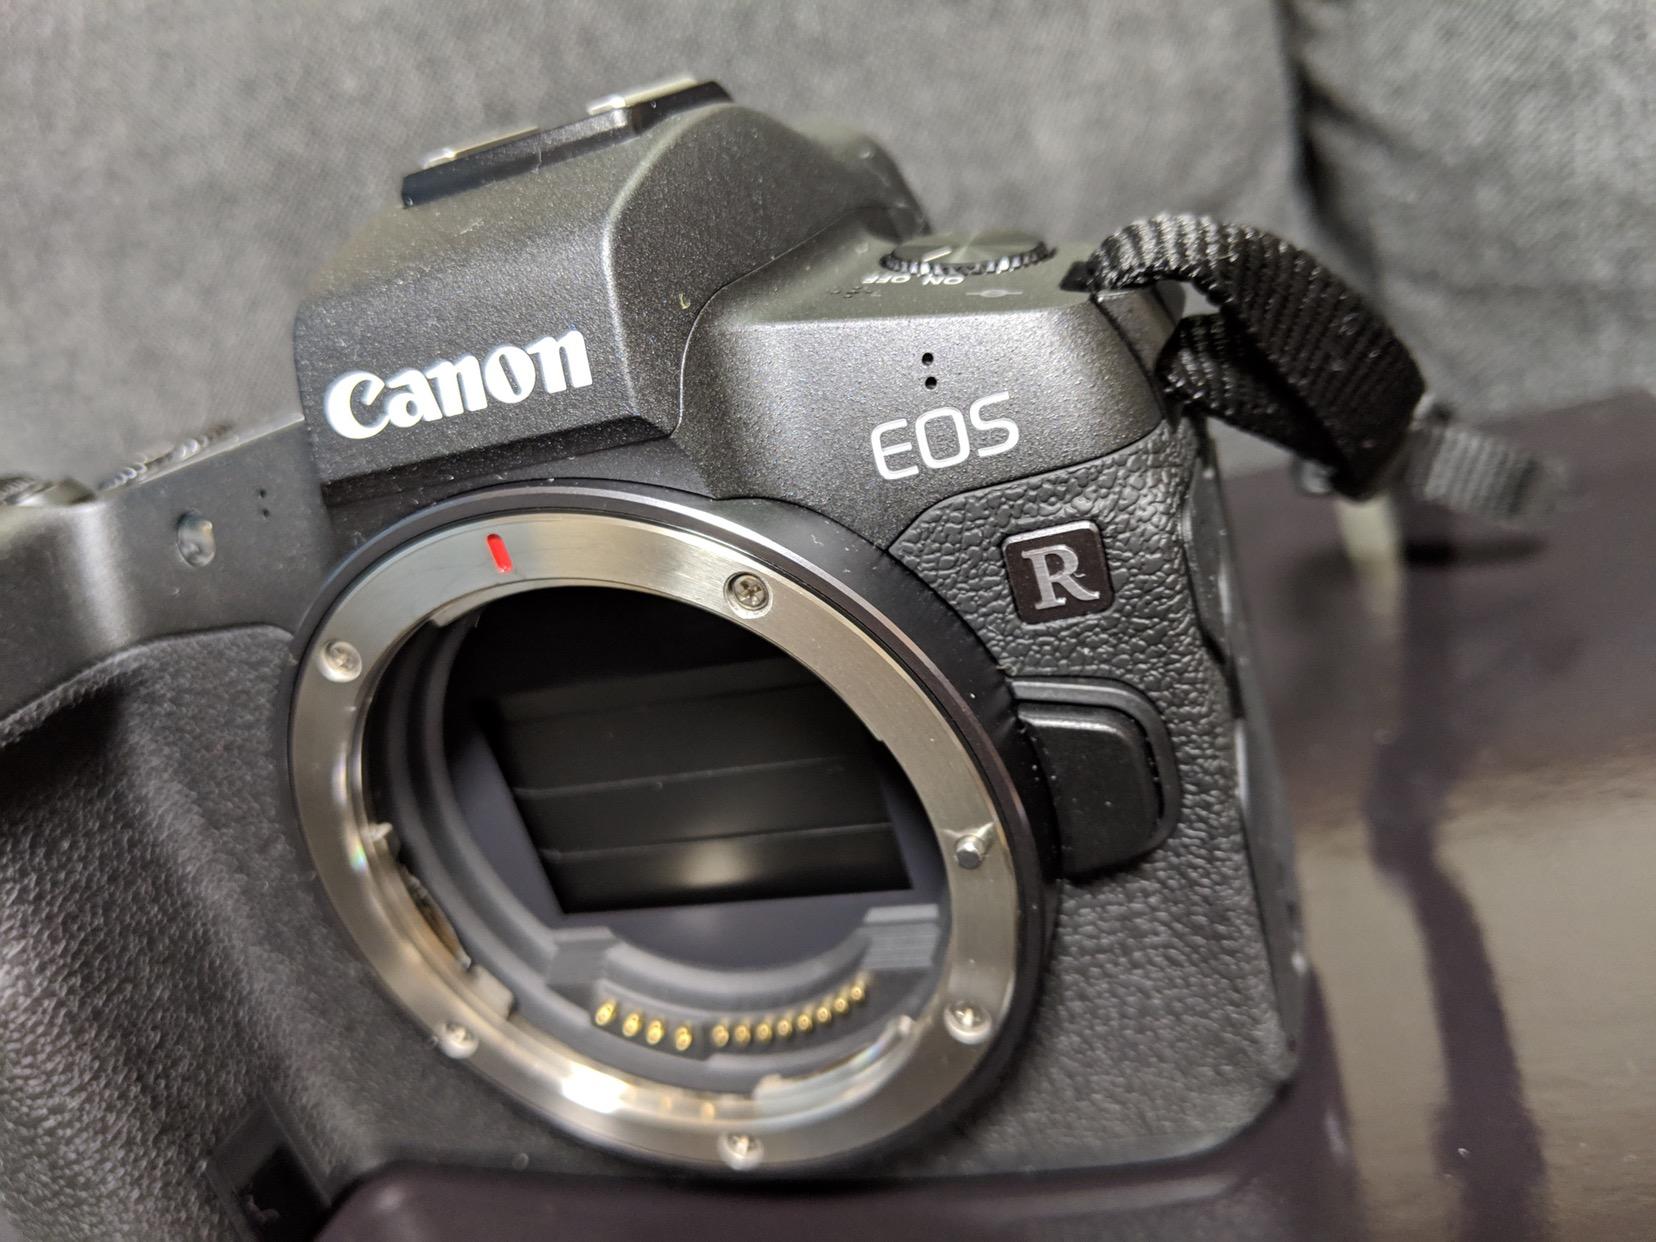 (外観レビュー)EOS Rは細かいところもよく考えられたフルサイズミラーレスカメラだ!